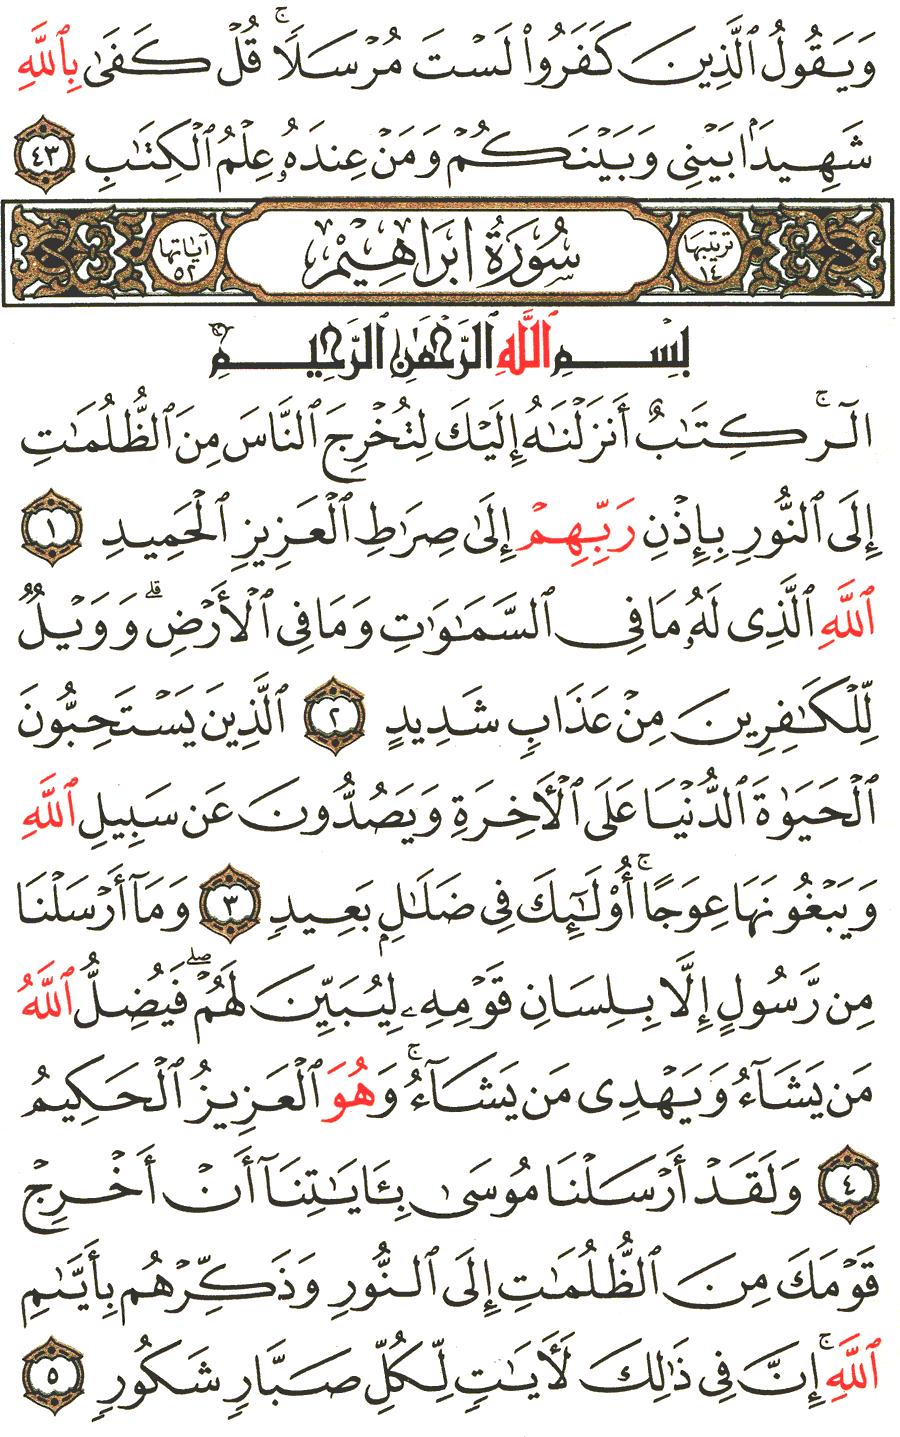 الصفحة رقم 255  من القرآن الكريم مكتوبة من المصحف